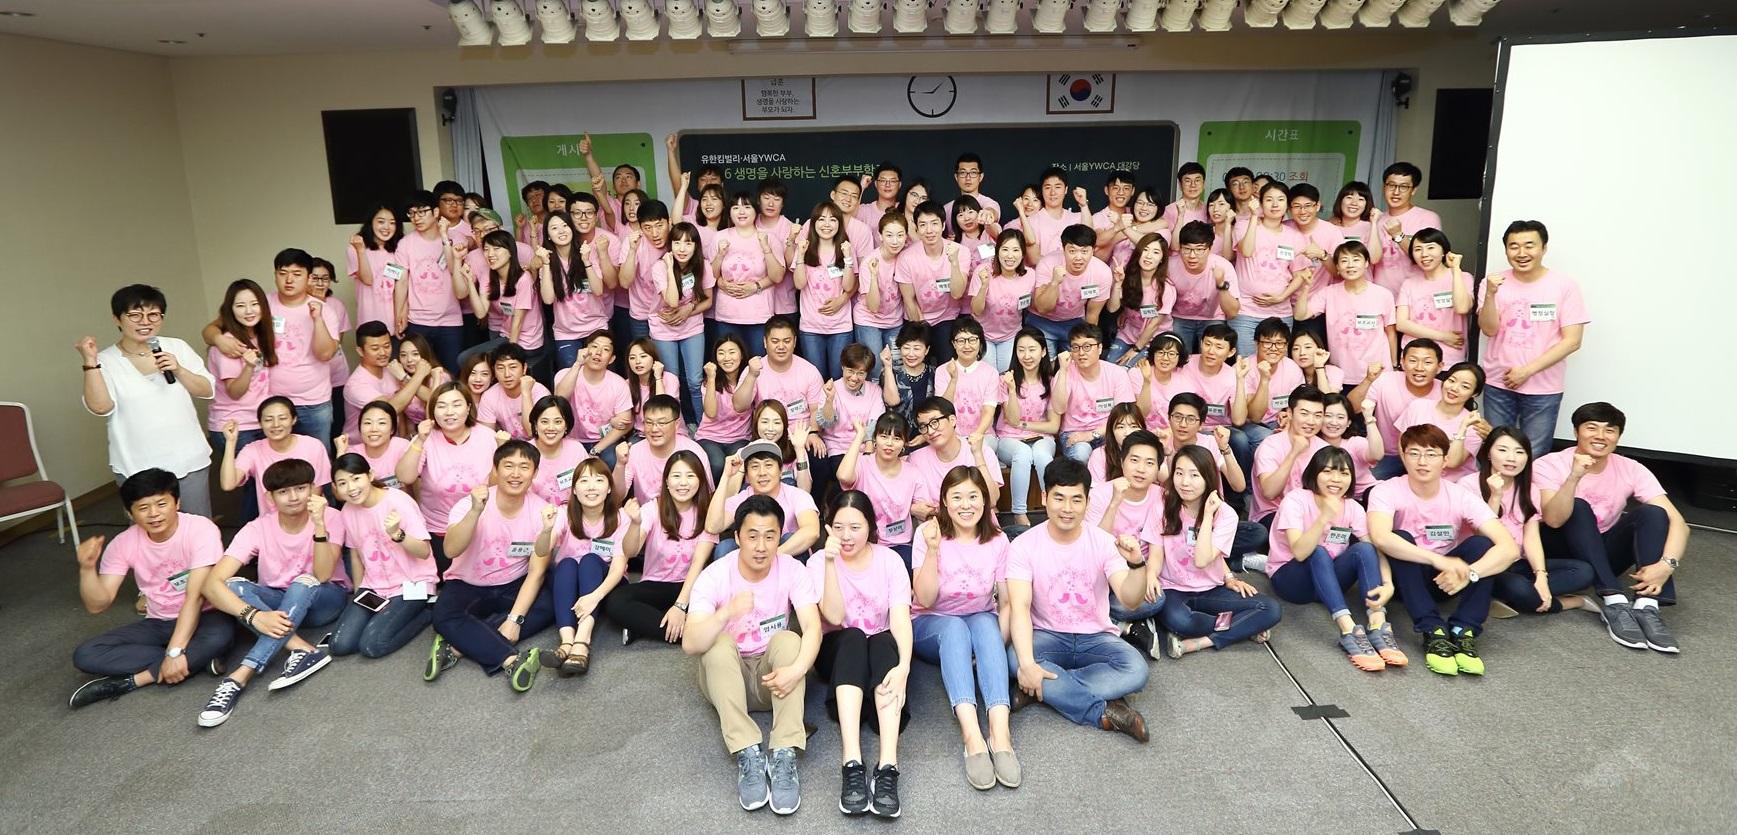 유한킴벌리·서울YWCA, 2016 '생명을 사랑하는 신혼부부학교' 성료